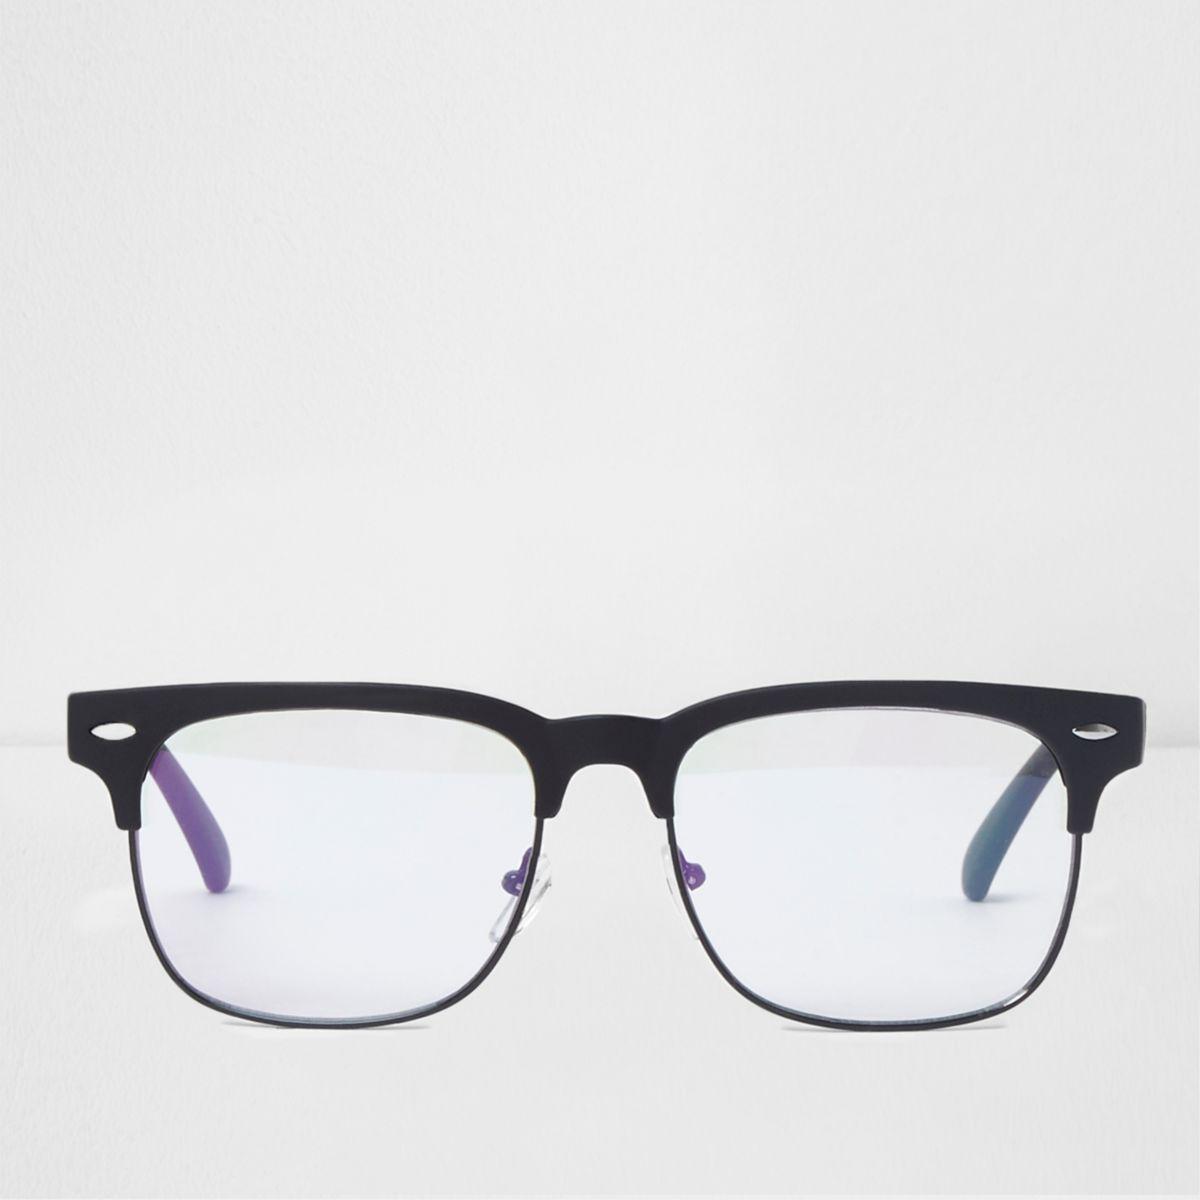 Schwarze Retro-Brille mit transparenten Gläsern